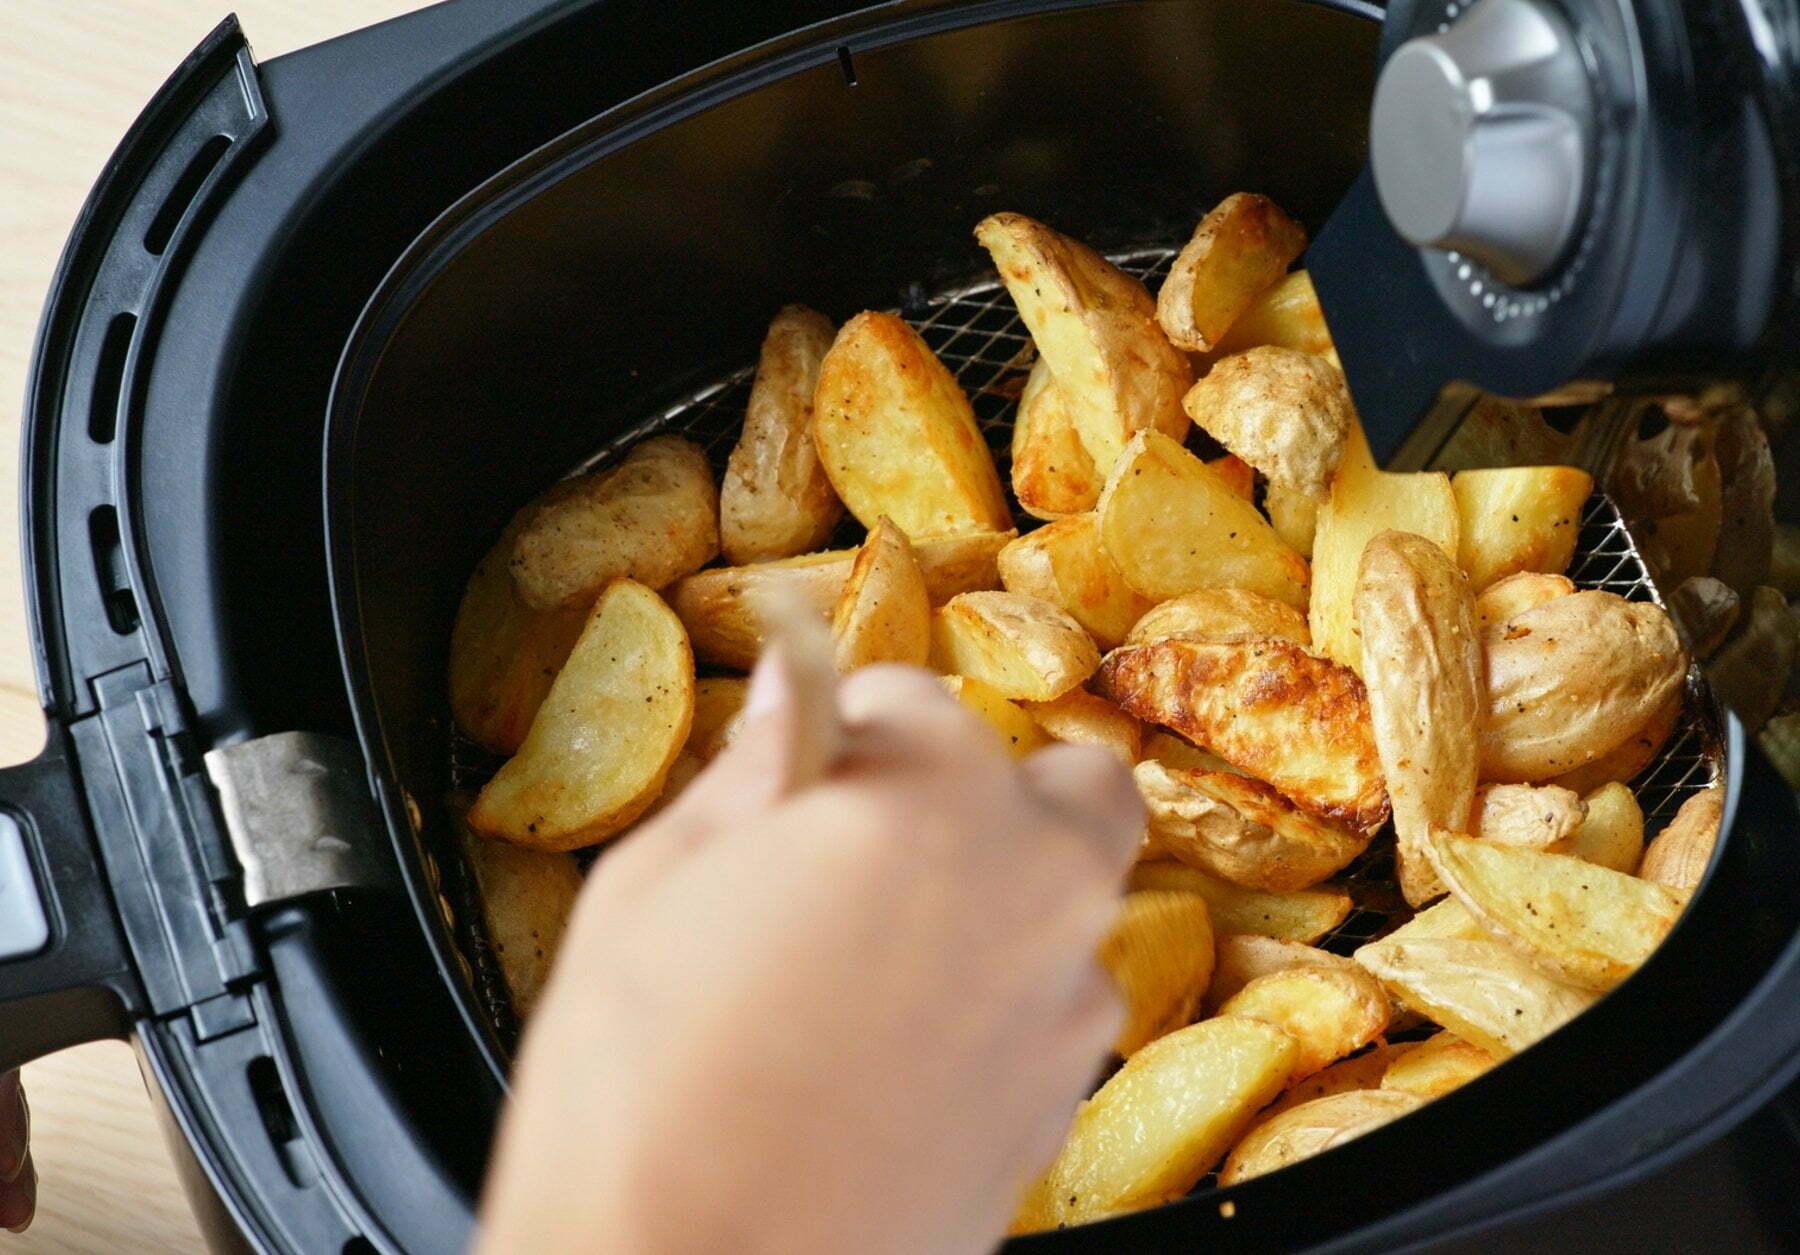 cestello con patate della friggitrice ad aria